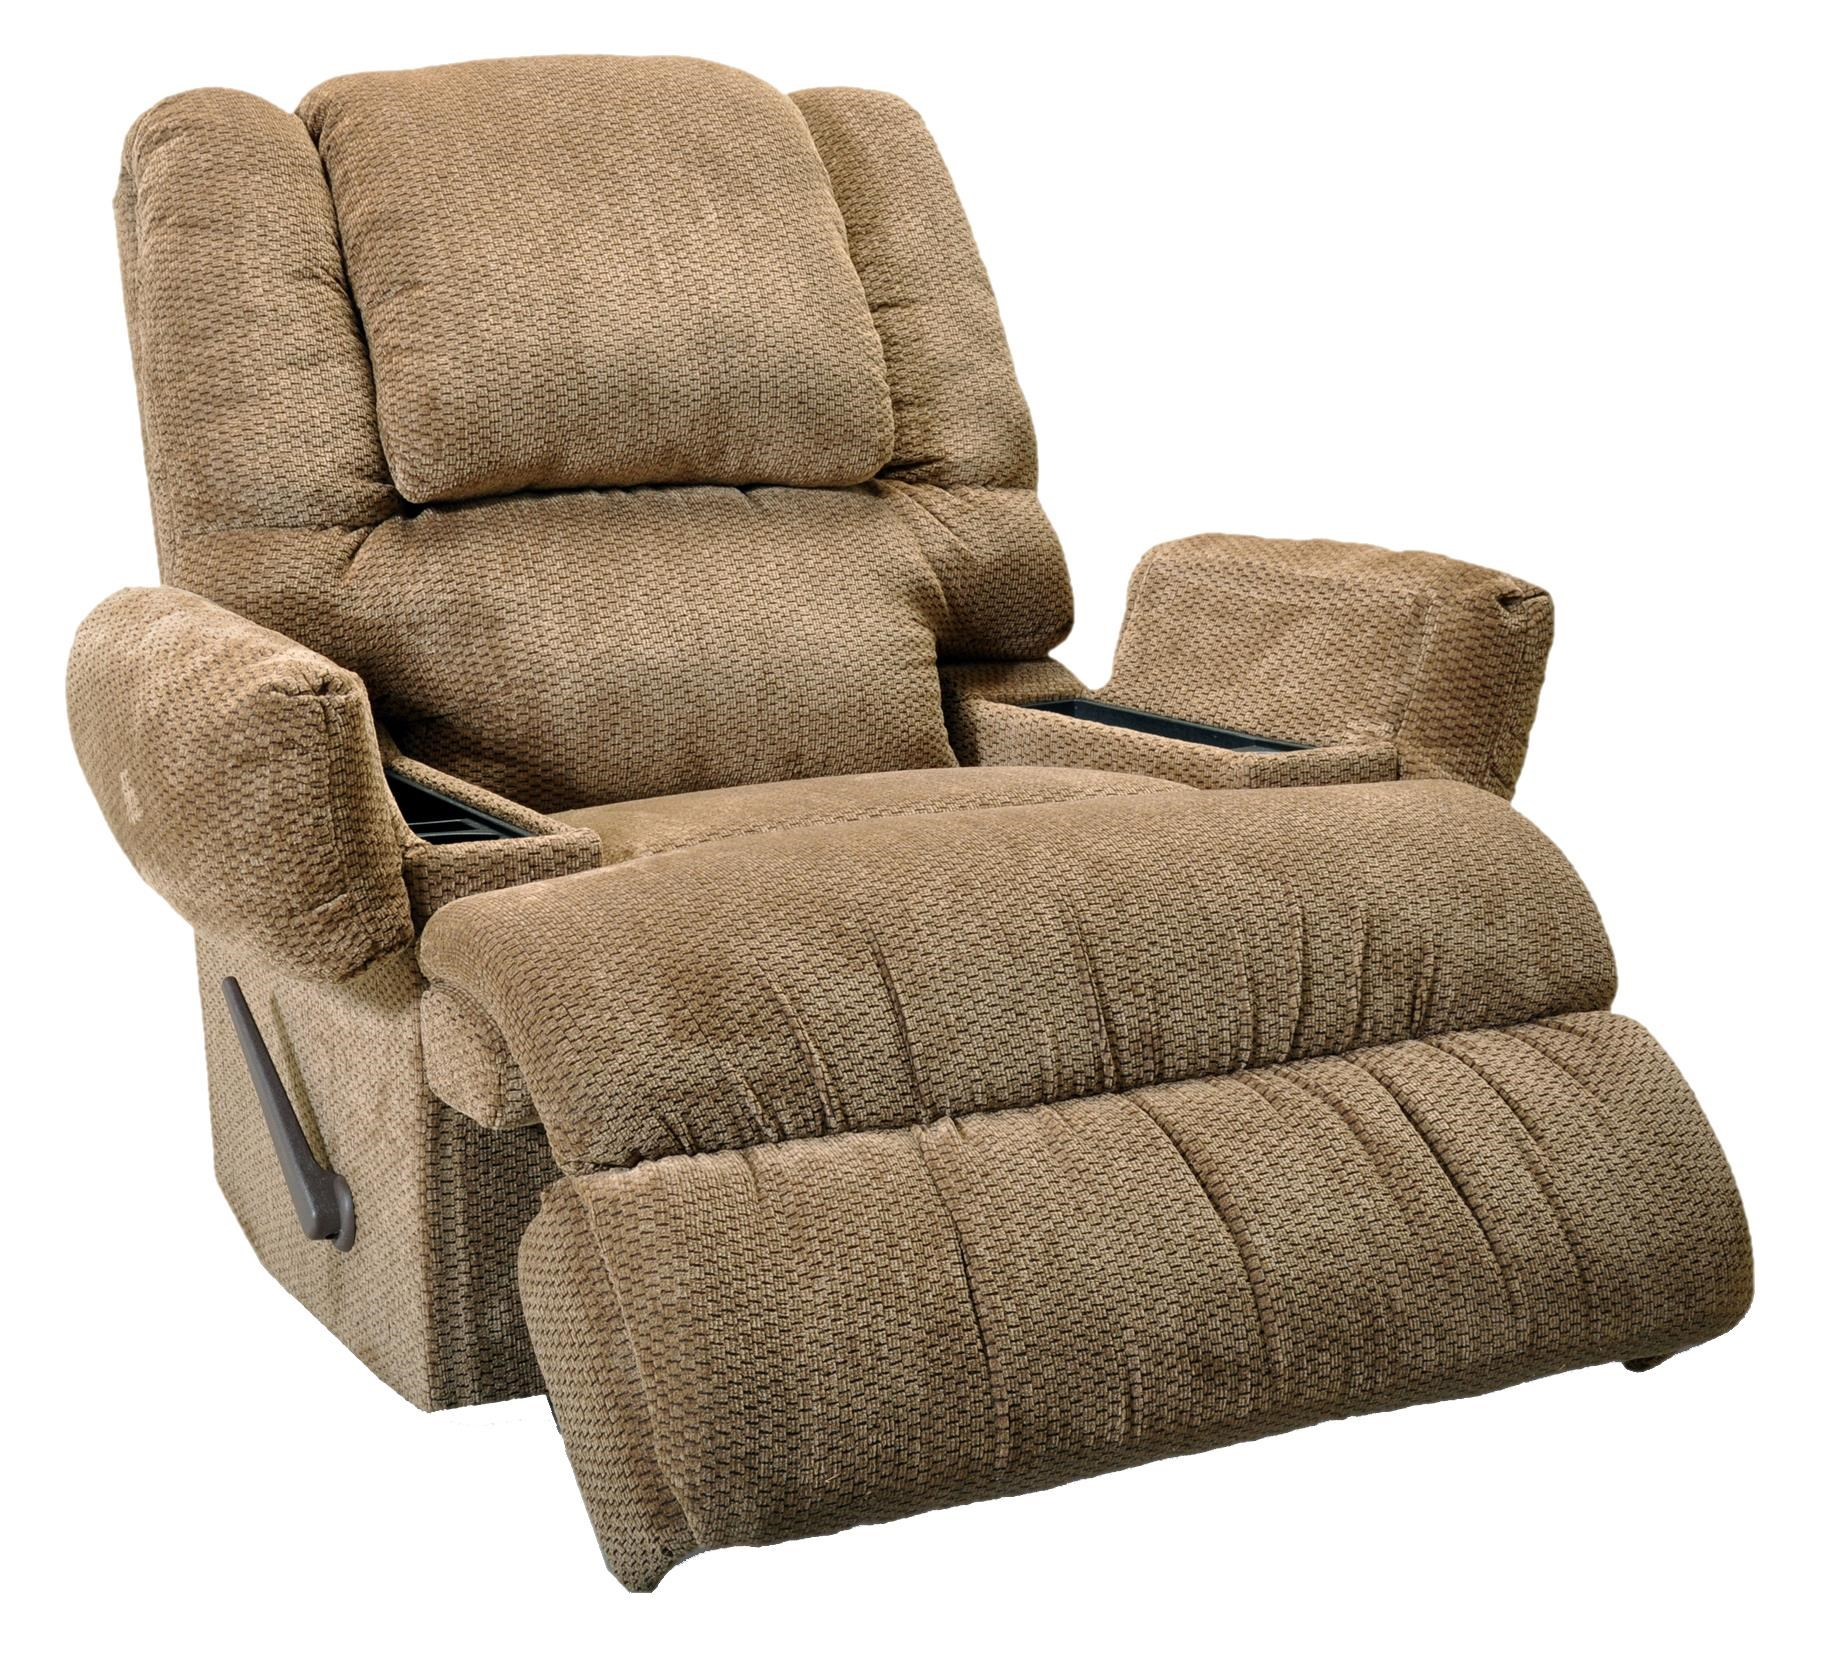 Rocker recliner trendy signature design by ashley for Affordable furniture franklin la